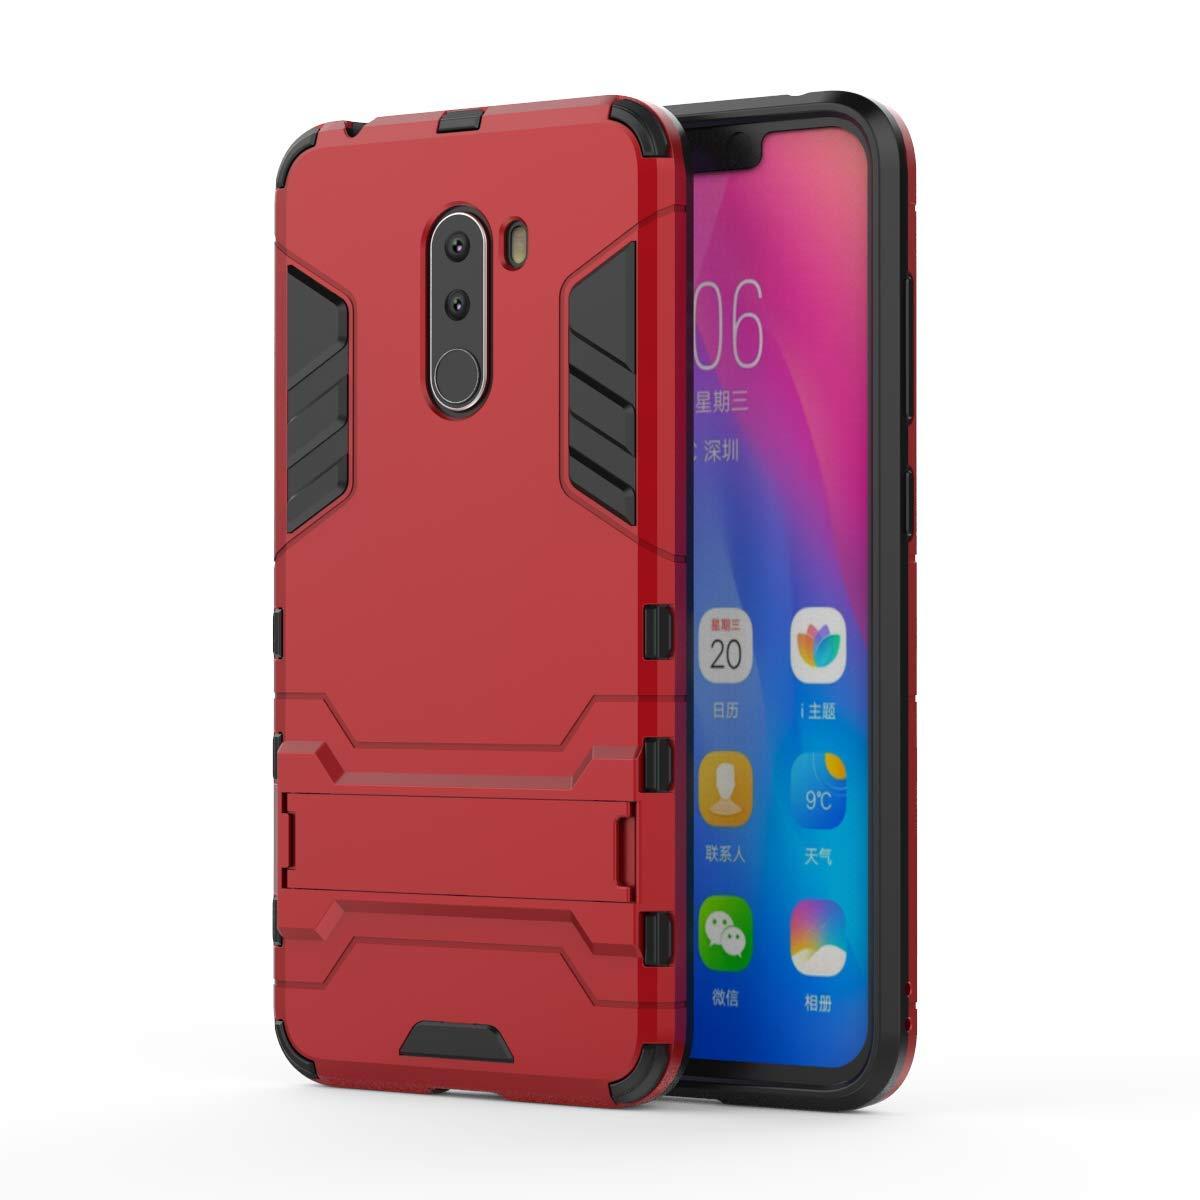 HUUH Funda Xiaomi Pocophone F1,Carcasa Xiaomi Pocophone F1 Stent Invisible TPU + PC combinación Aspecto,Ajuste Simple Elegante Generoso fuselaje(Rojo)